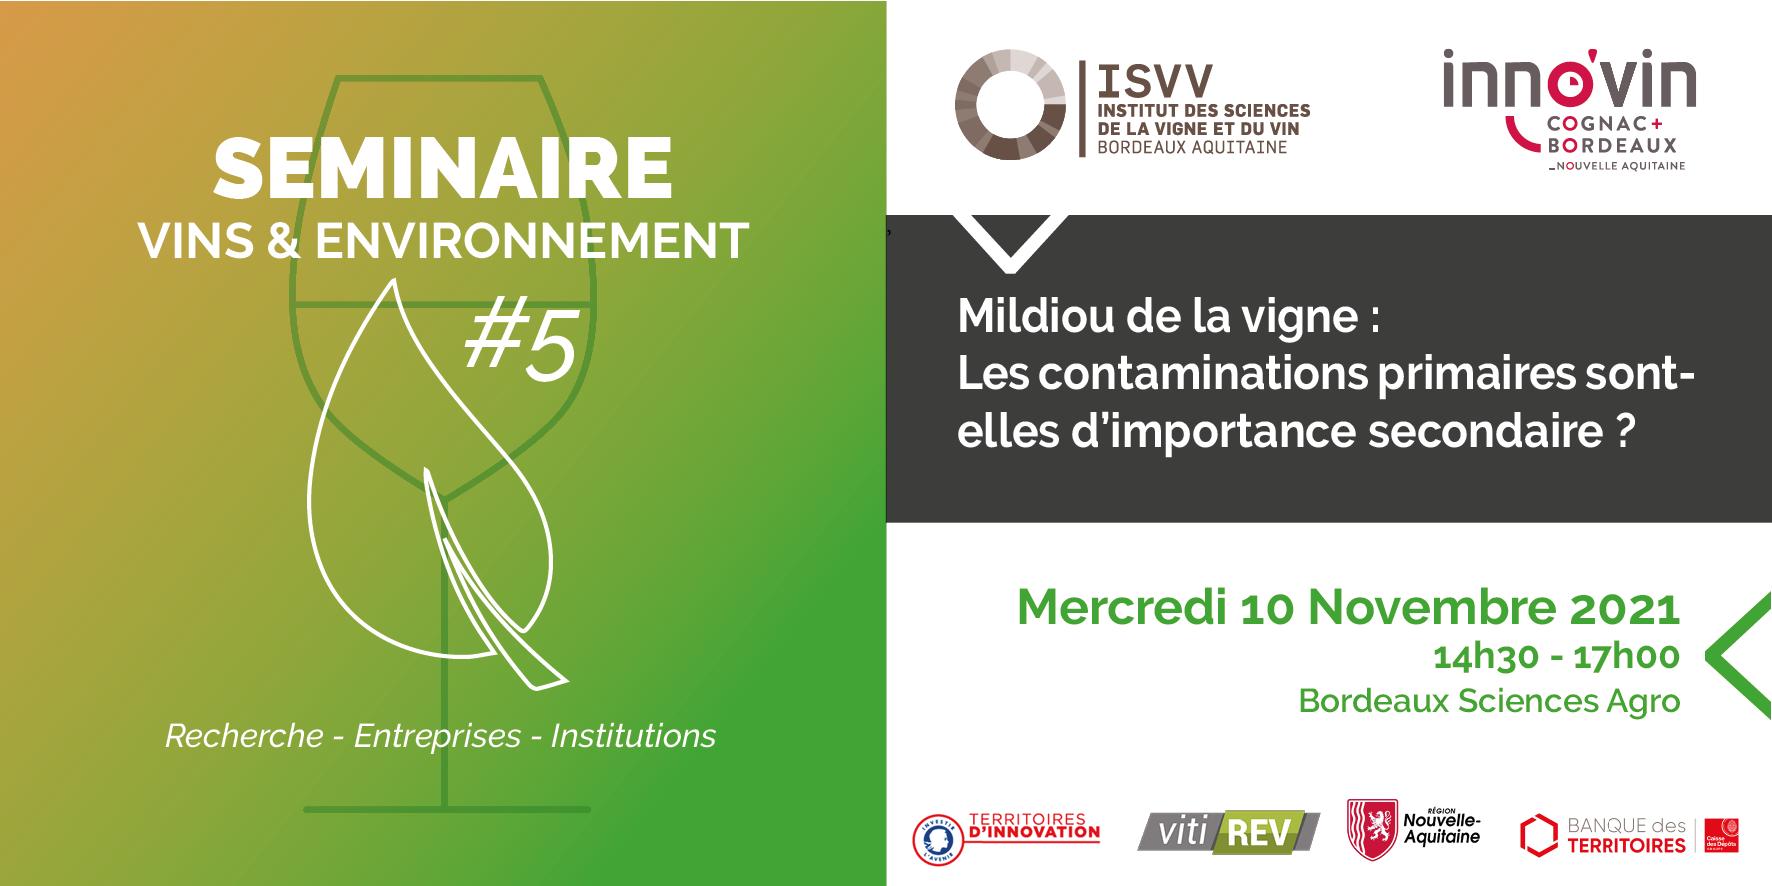 Séminaire ISVV « Vins & Environnement » #5 : Mildiou de la vigne